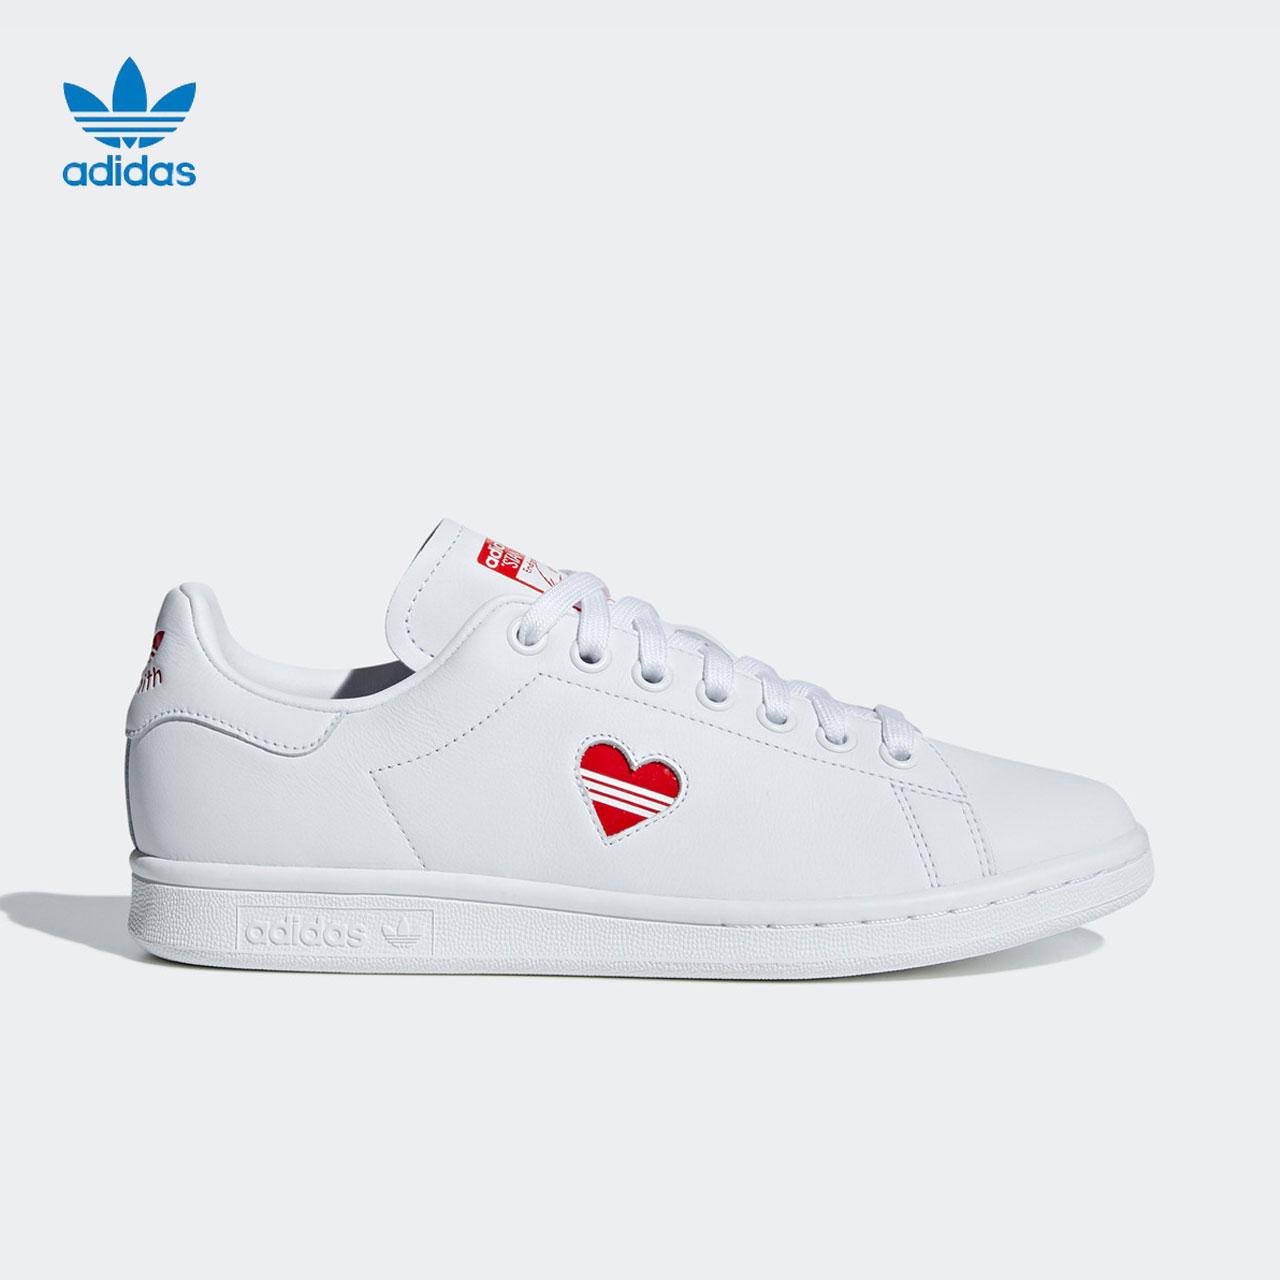 阿迪达斯三叶草女鞋STAN SMITH史密斯小白鞋休闲运动板鞋G27893